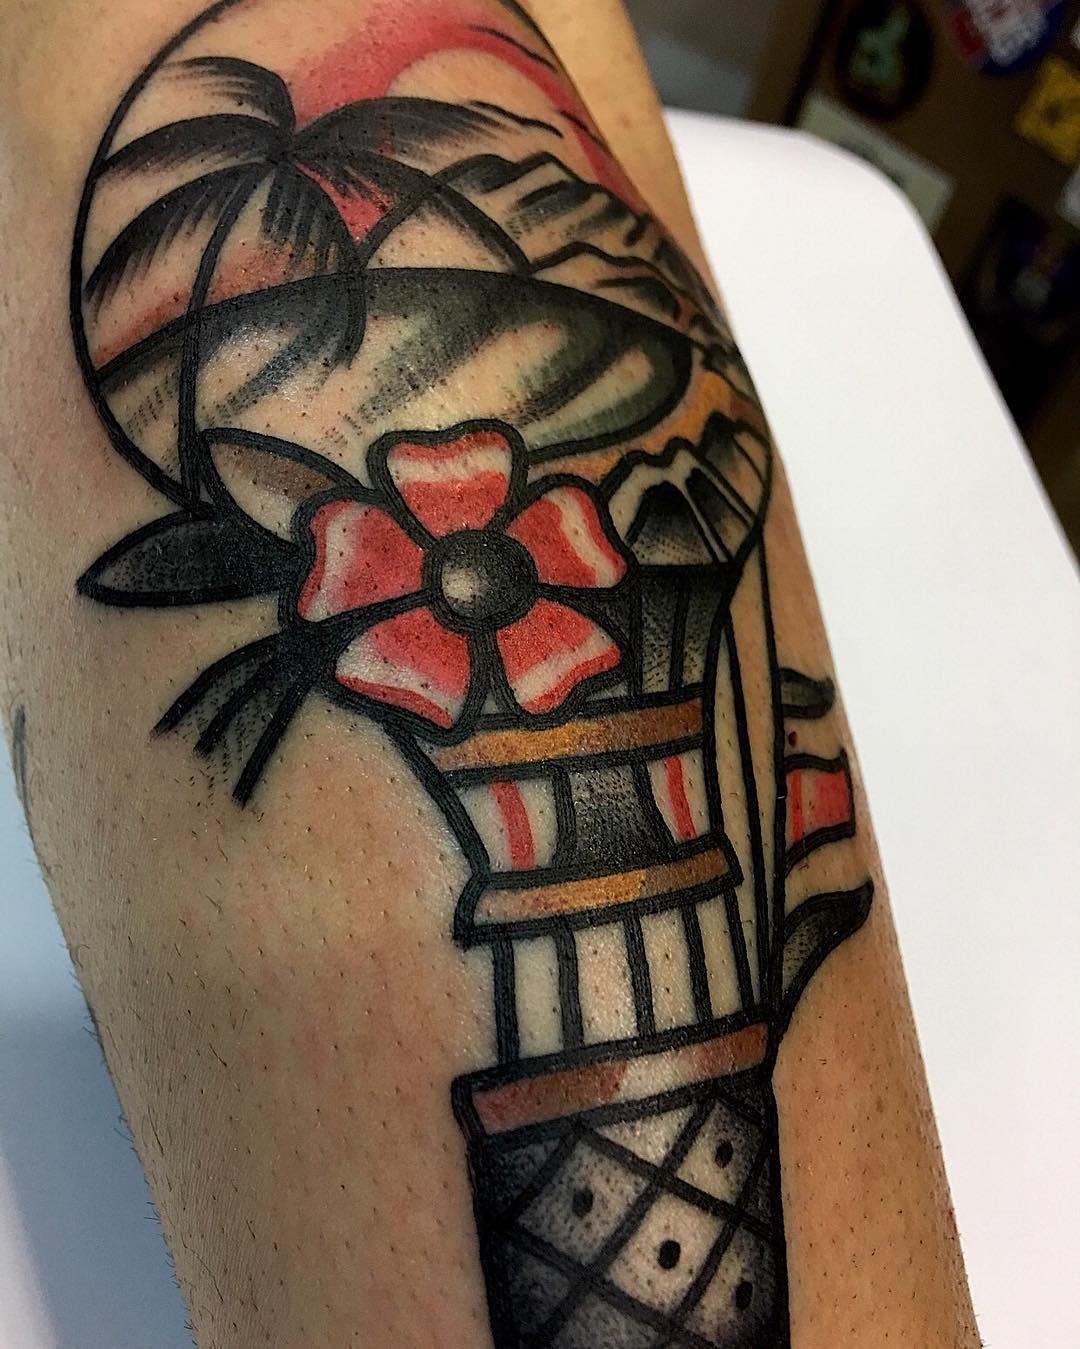 ciudadrealtattoo,tattooshop,tattooers,besttattooers,juantabasco,ciudadrealsetatua,ink,inkmaster,tatuajes,realismo,realistictattoo,ciudadrealtattoo,americanatattoos,traditionaltattoos,oldwork,madonna,eeuu,inked,inkedlife,inkedsociety,art,amazingink,tattooart,oldlines,oldschooltattoo,topclasstattooing